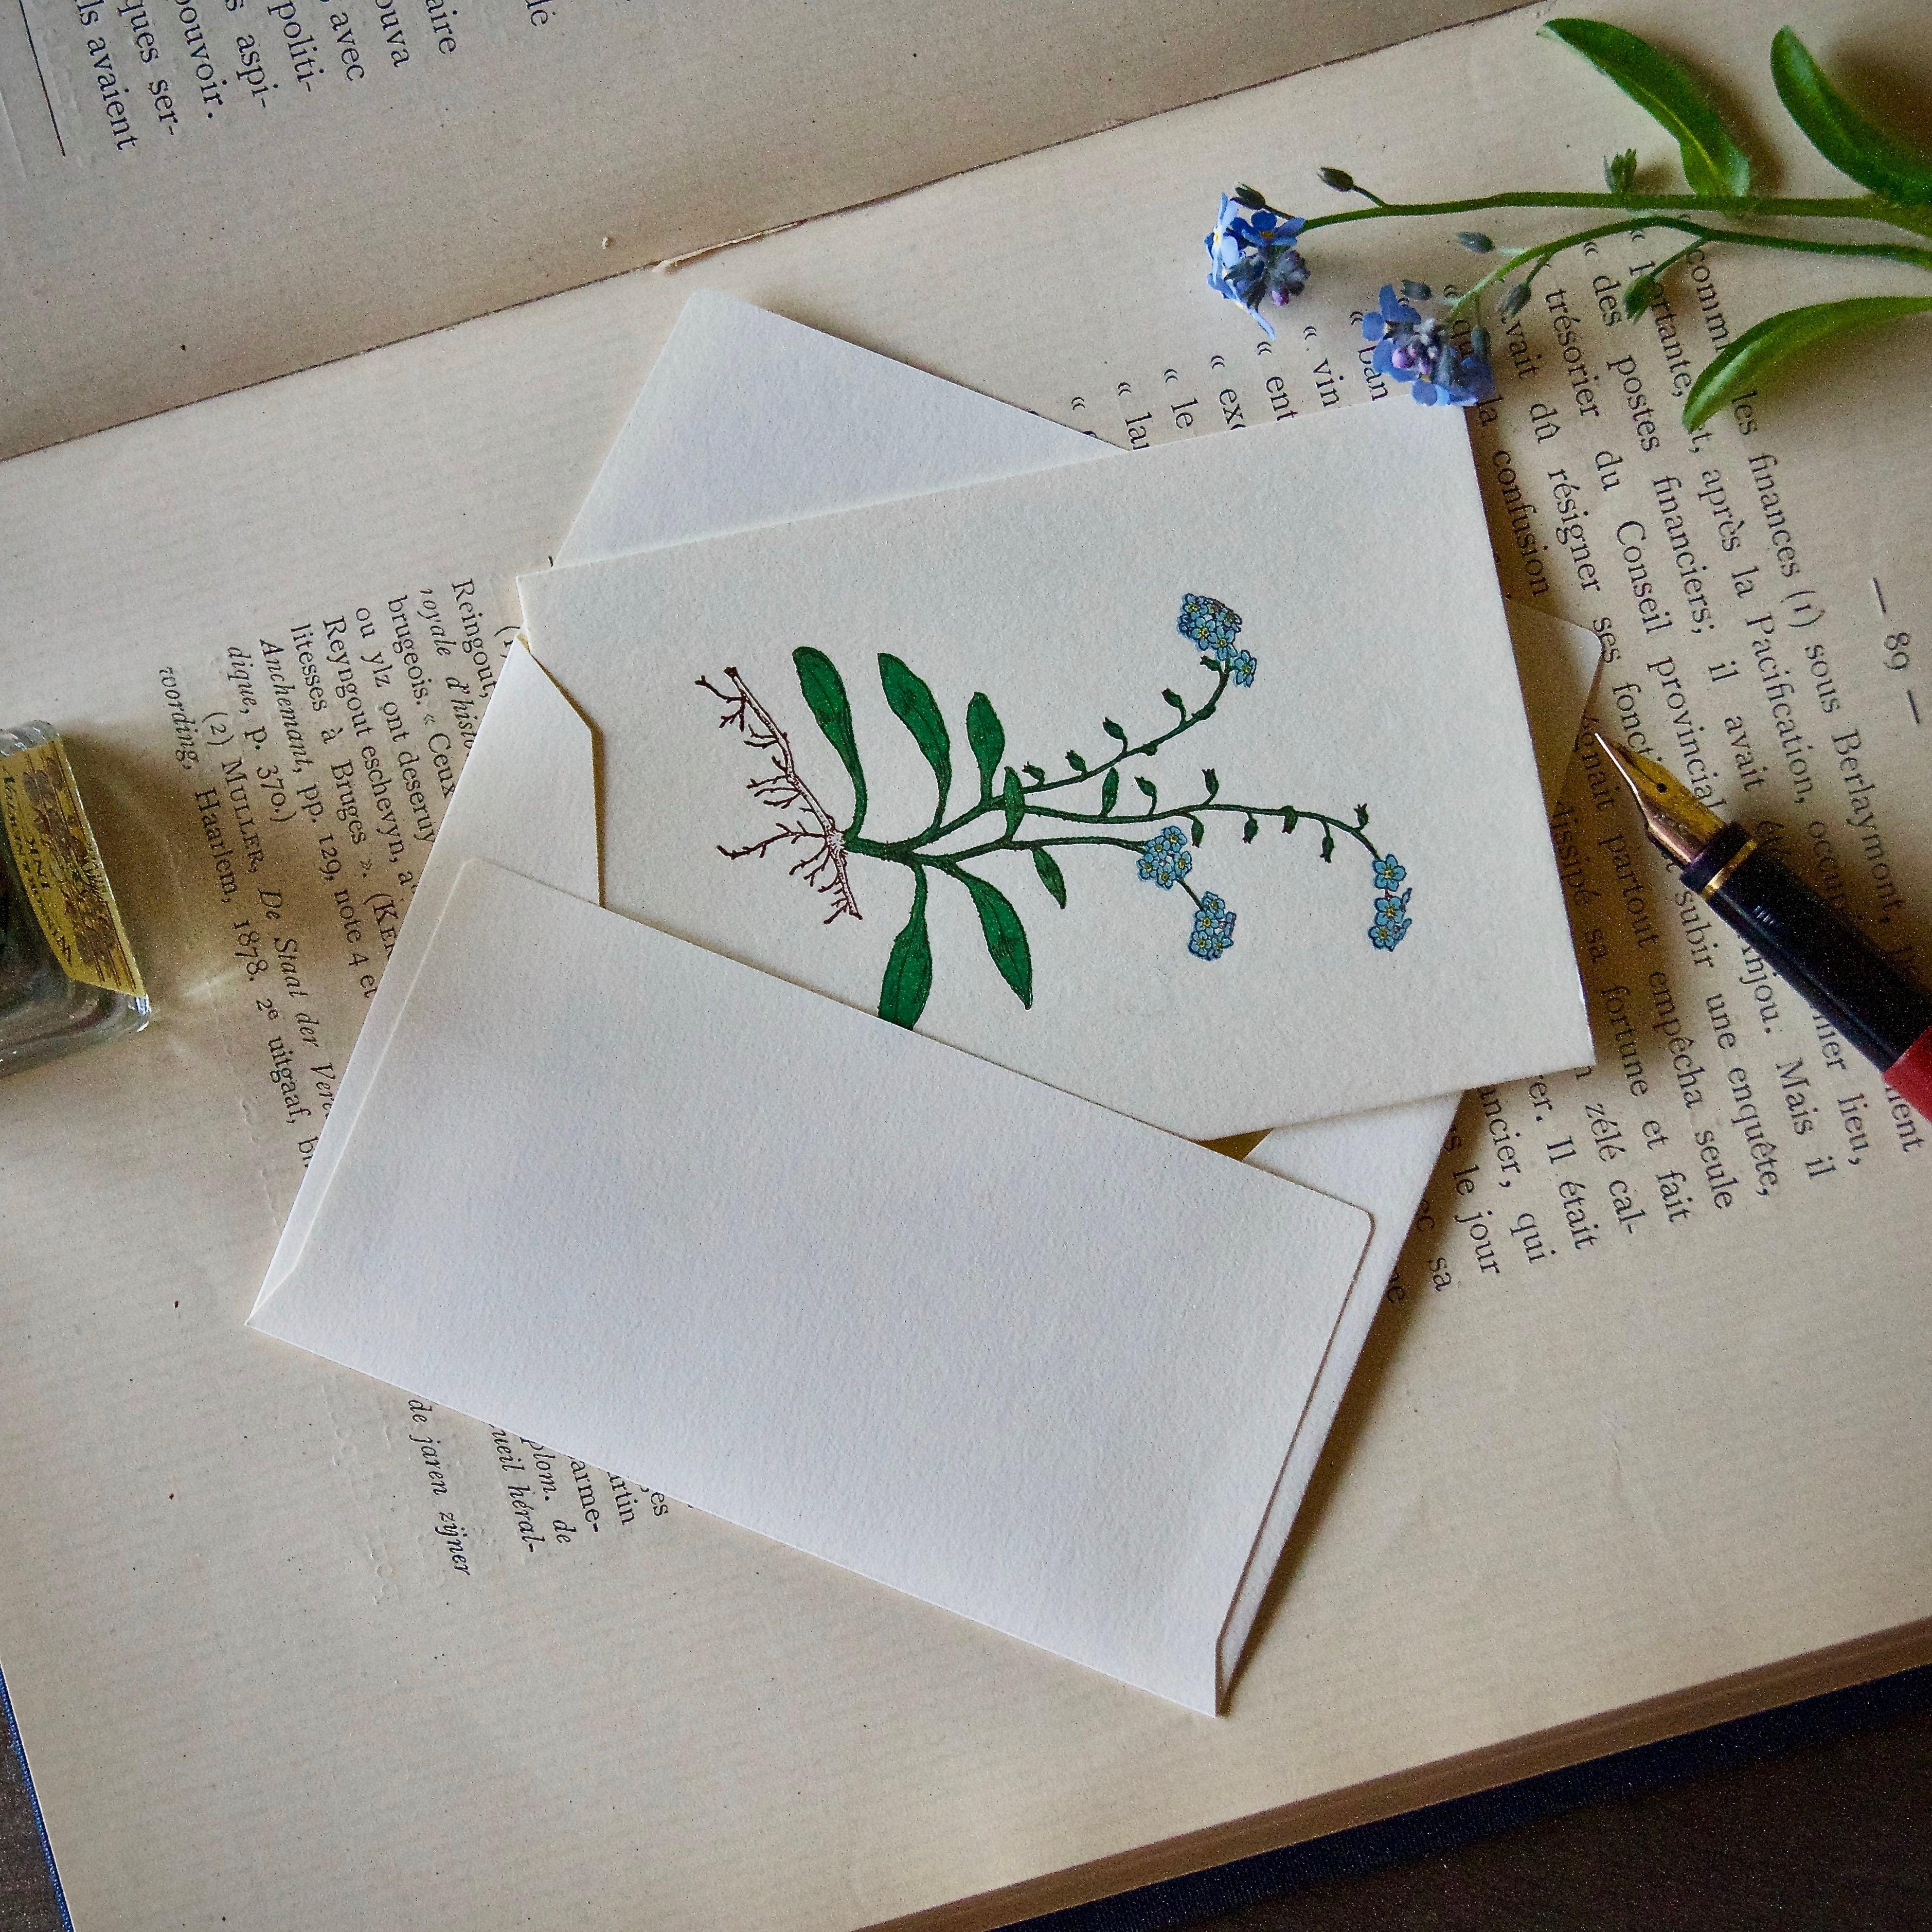 【カード 小】 ワスレナグサ / カード1枚+封筒1枚/活版印刷